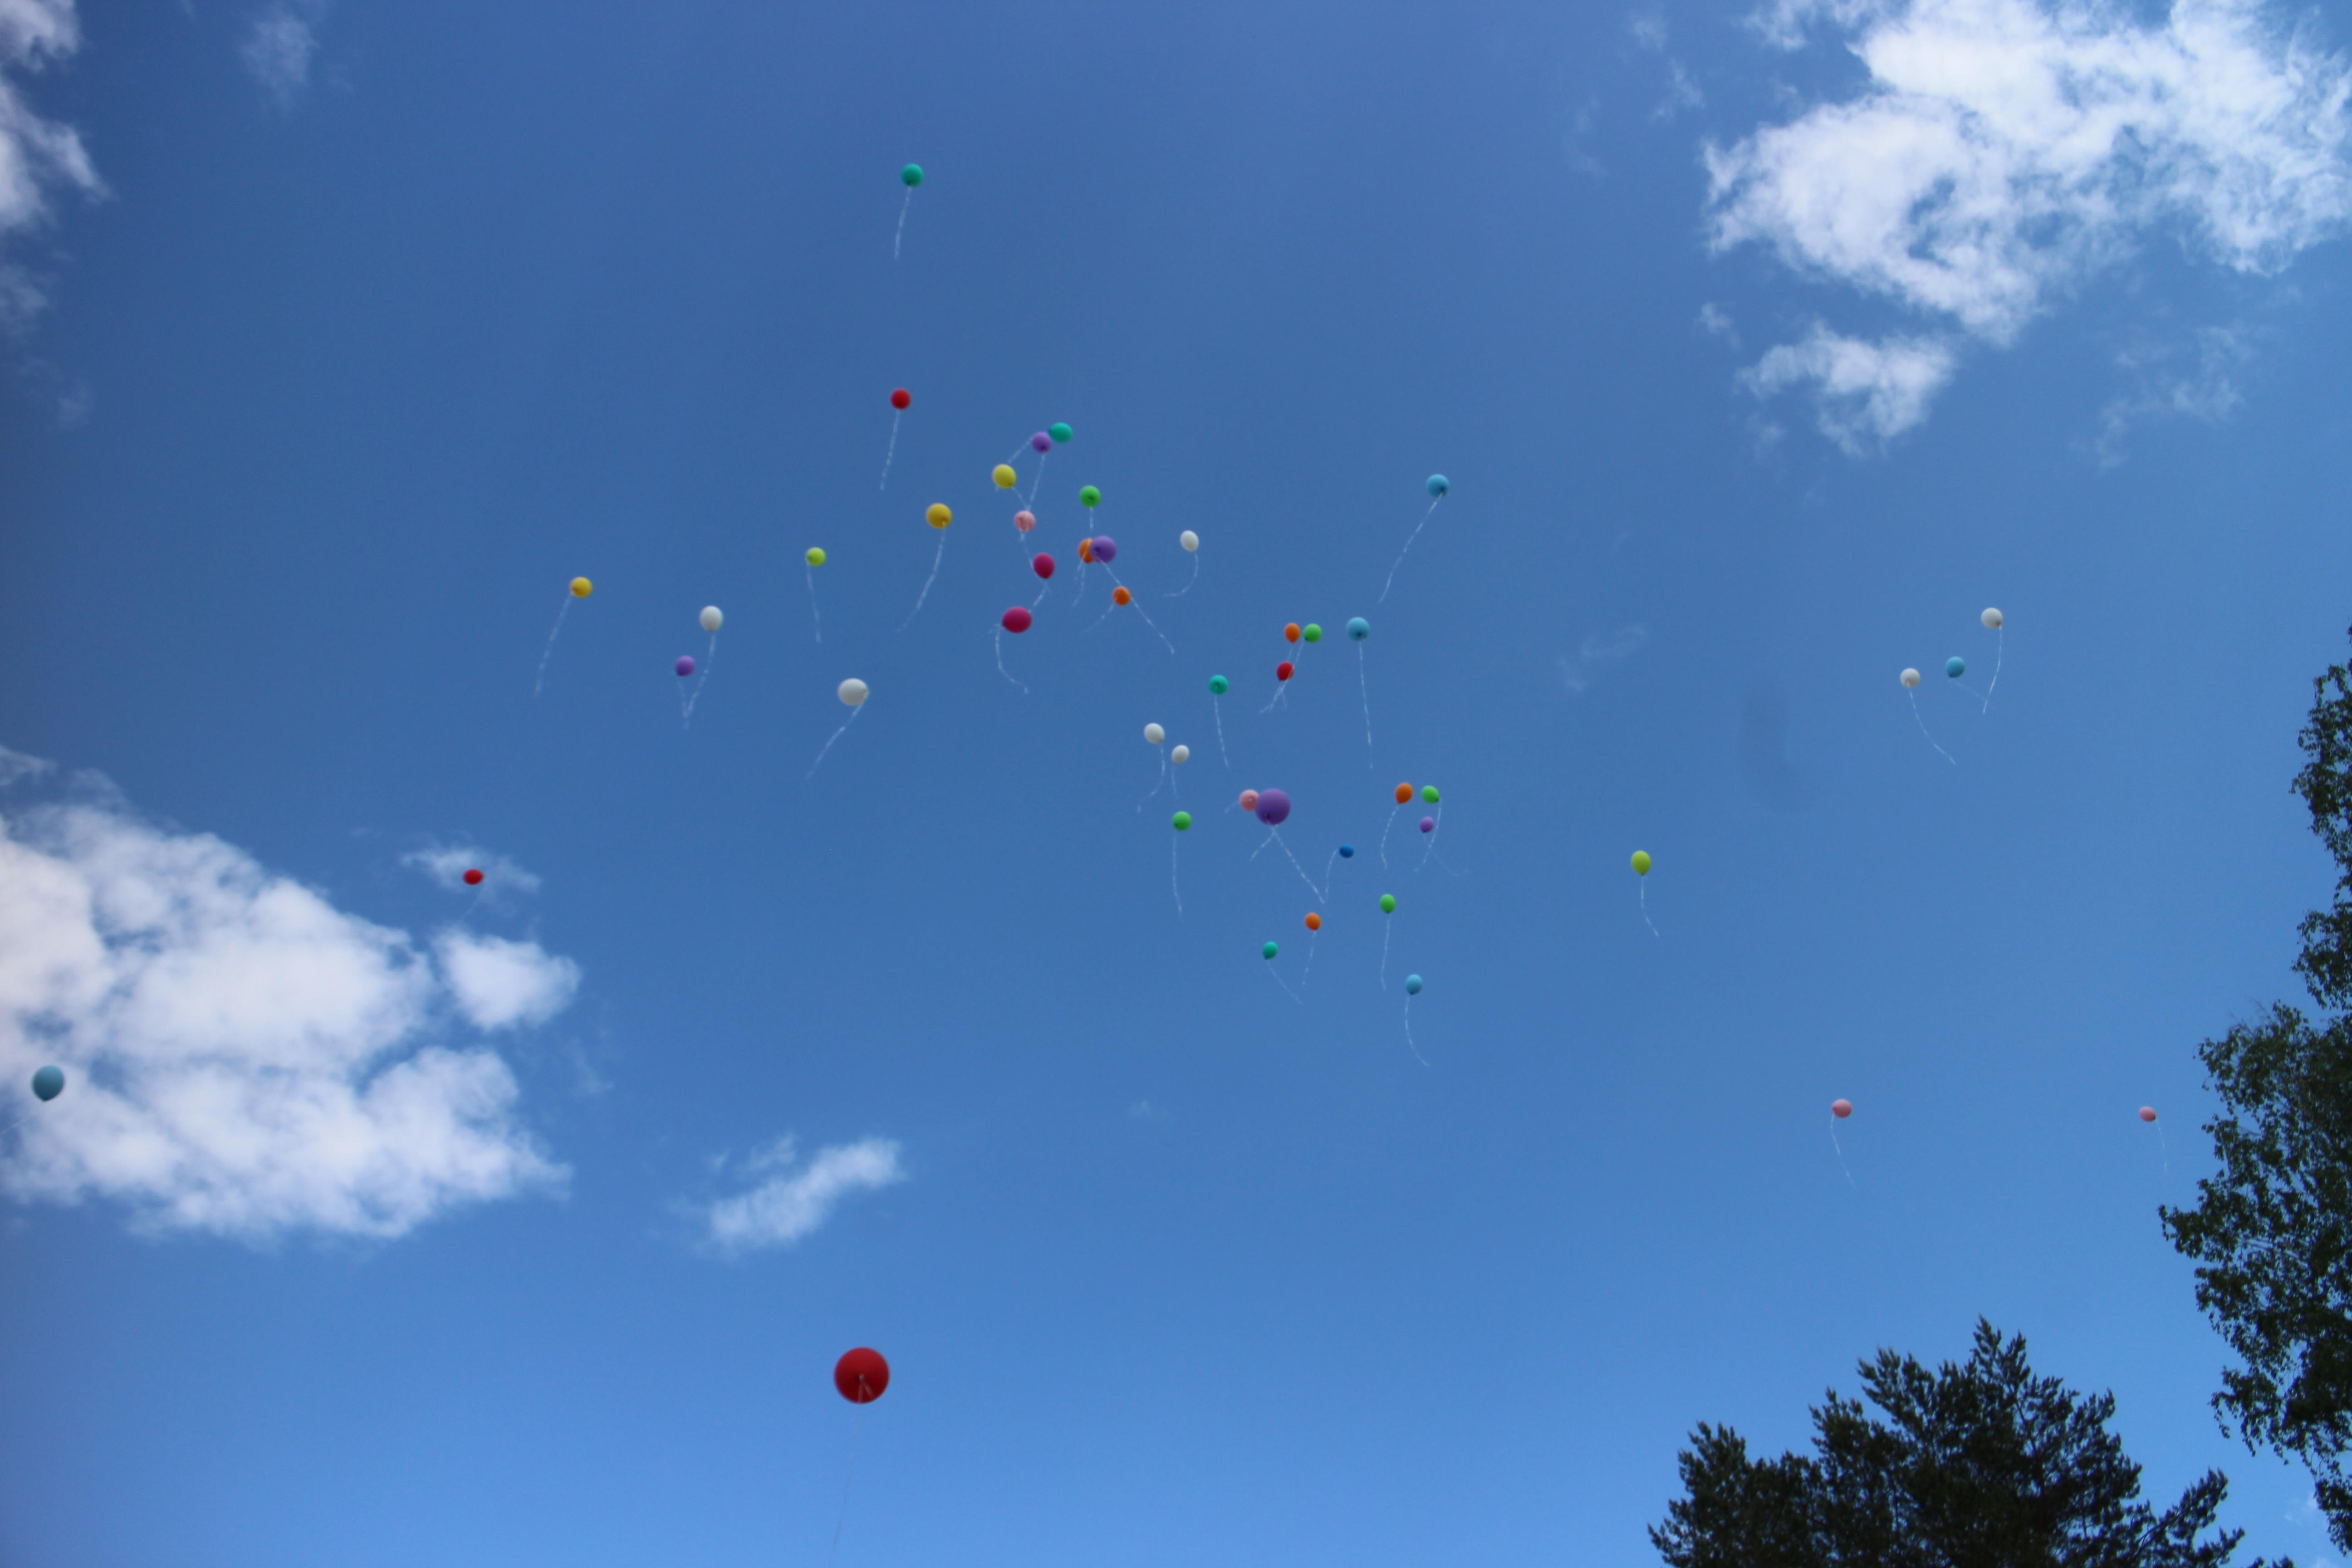 Visi į dangų paleisti balionai nusileidžia ir tampa šiukšlėmis